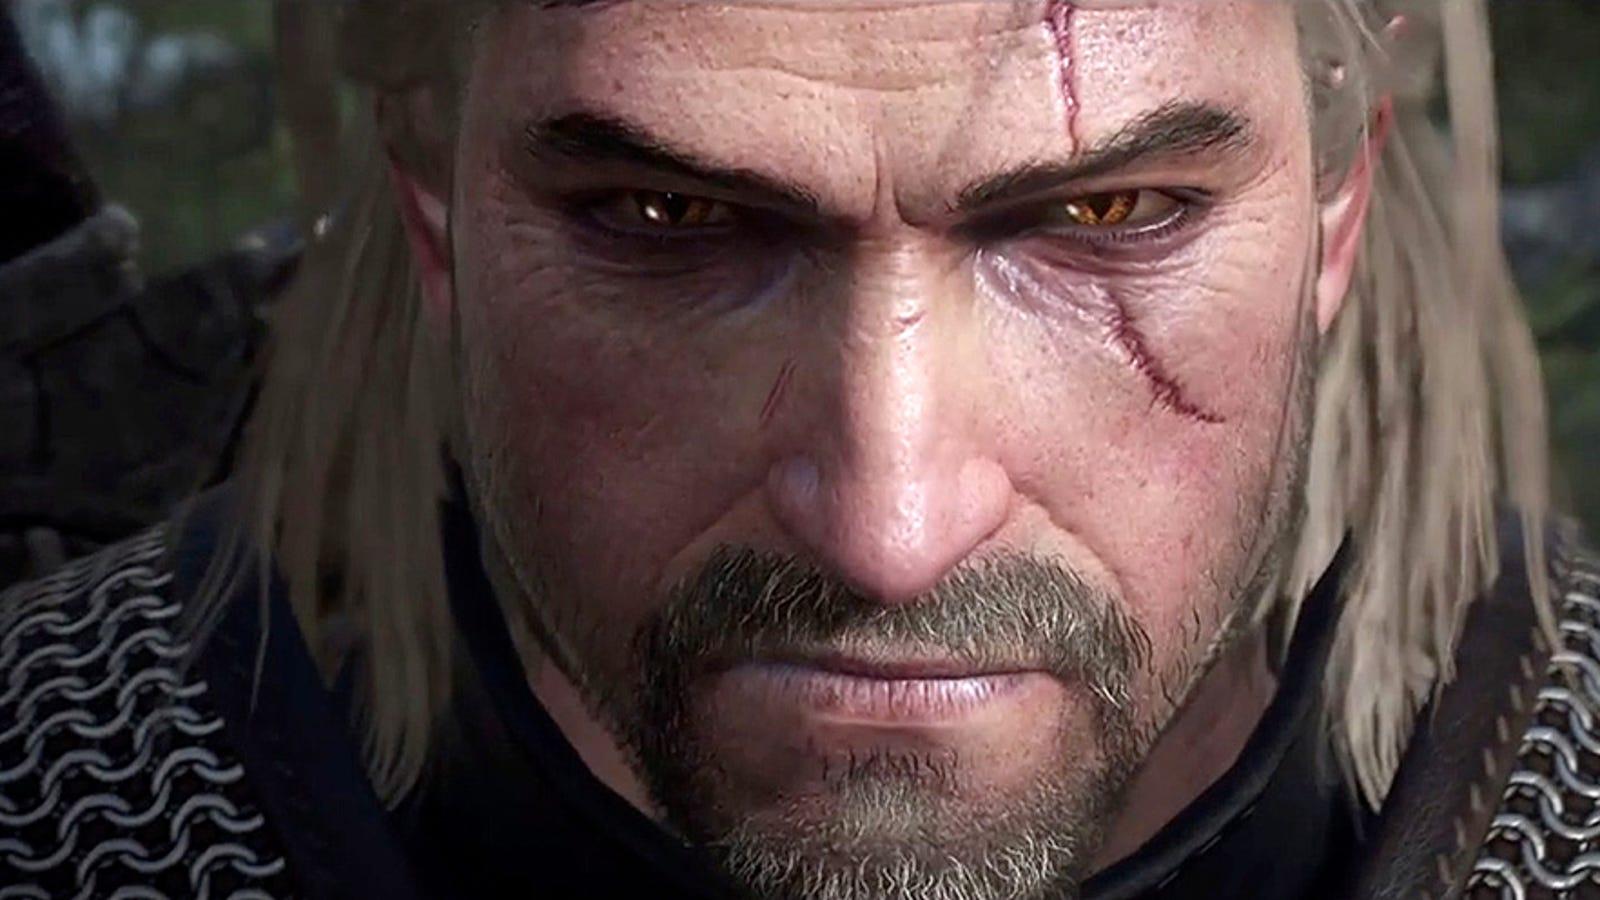 El nuevo tráiler del videojuego The Witcher 3 te dejará sin aliento